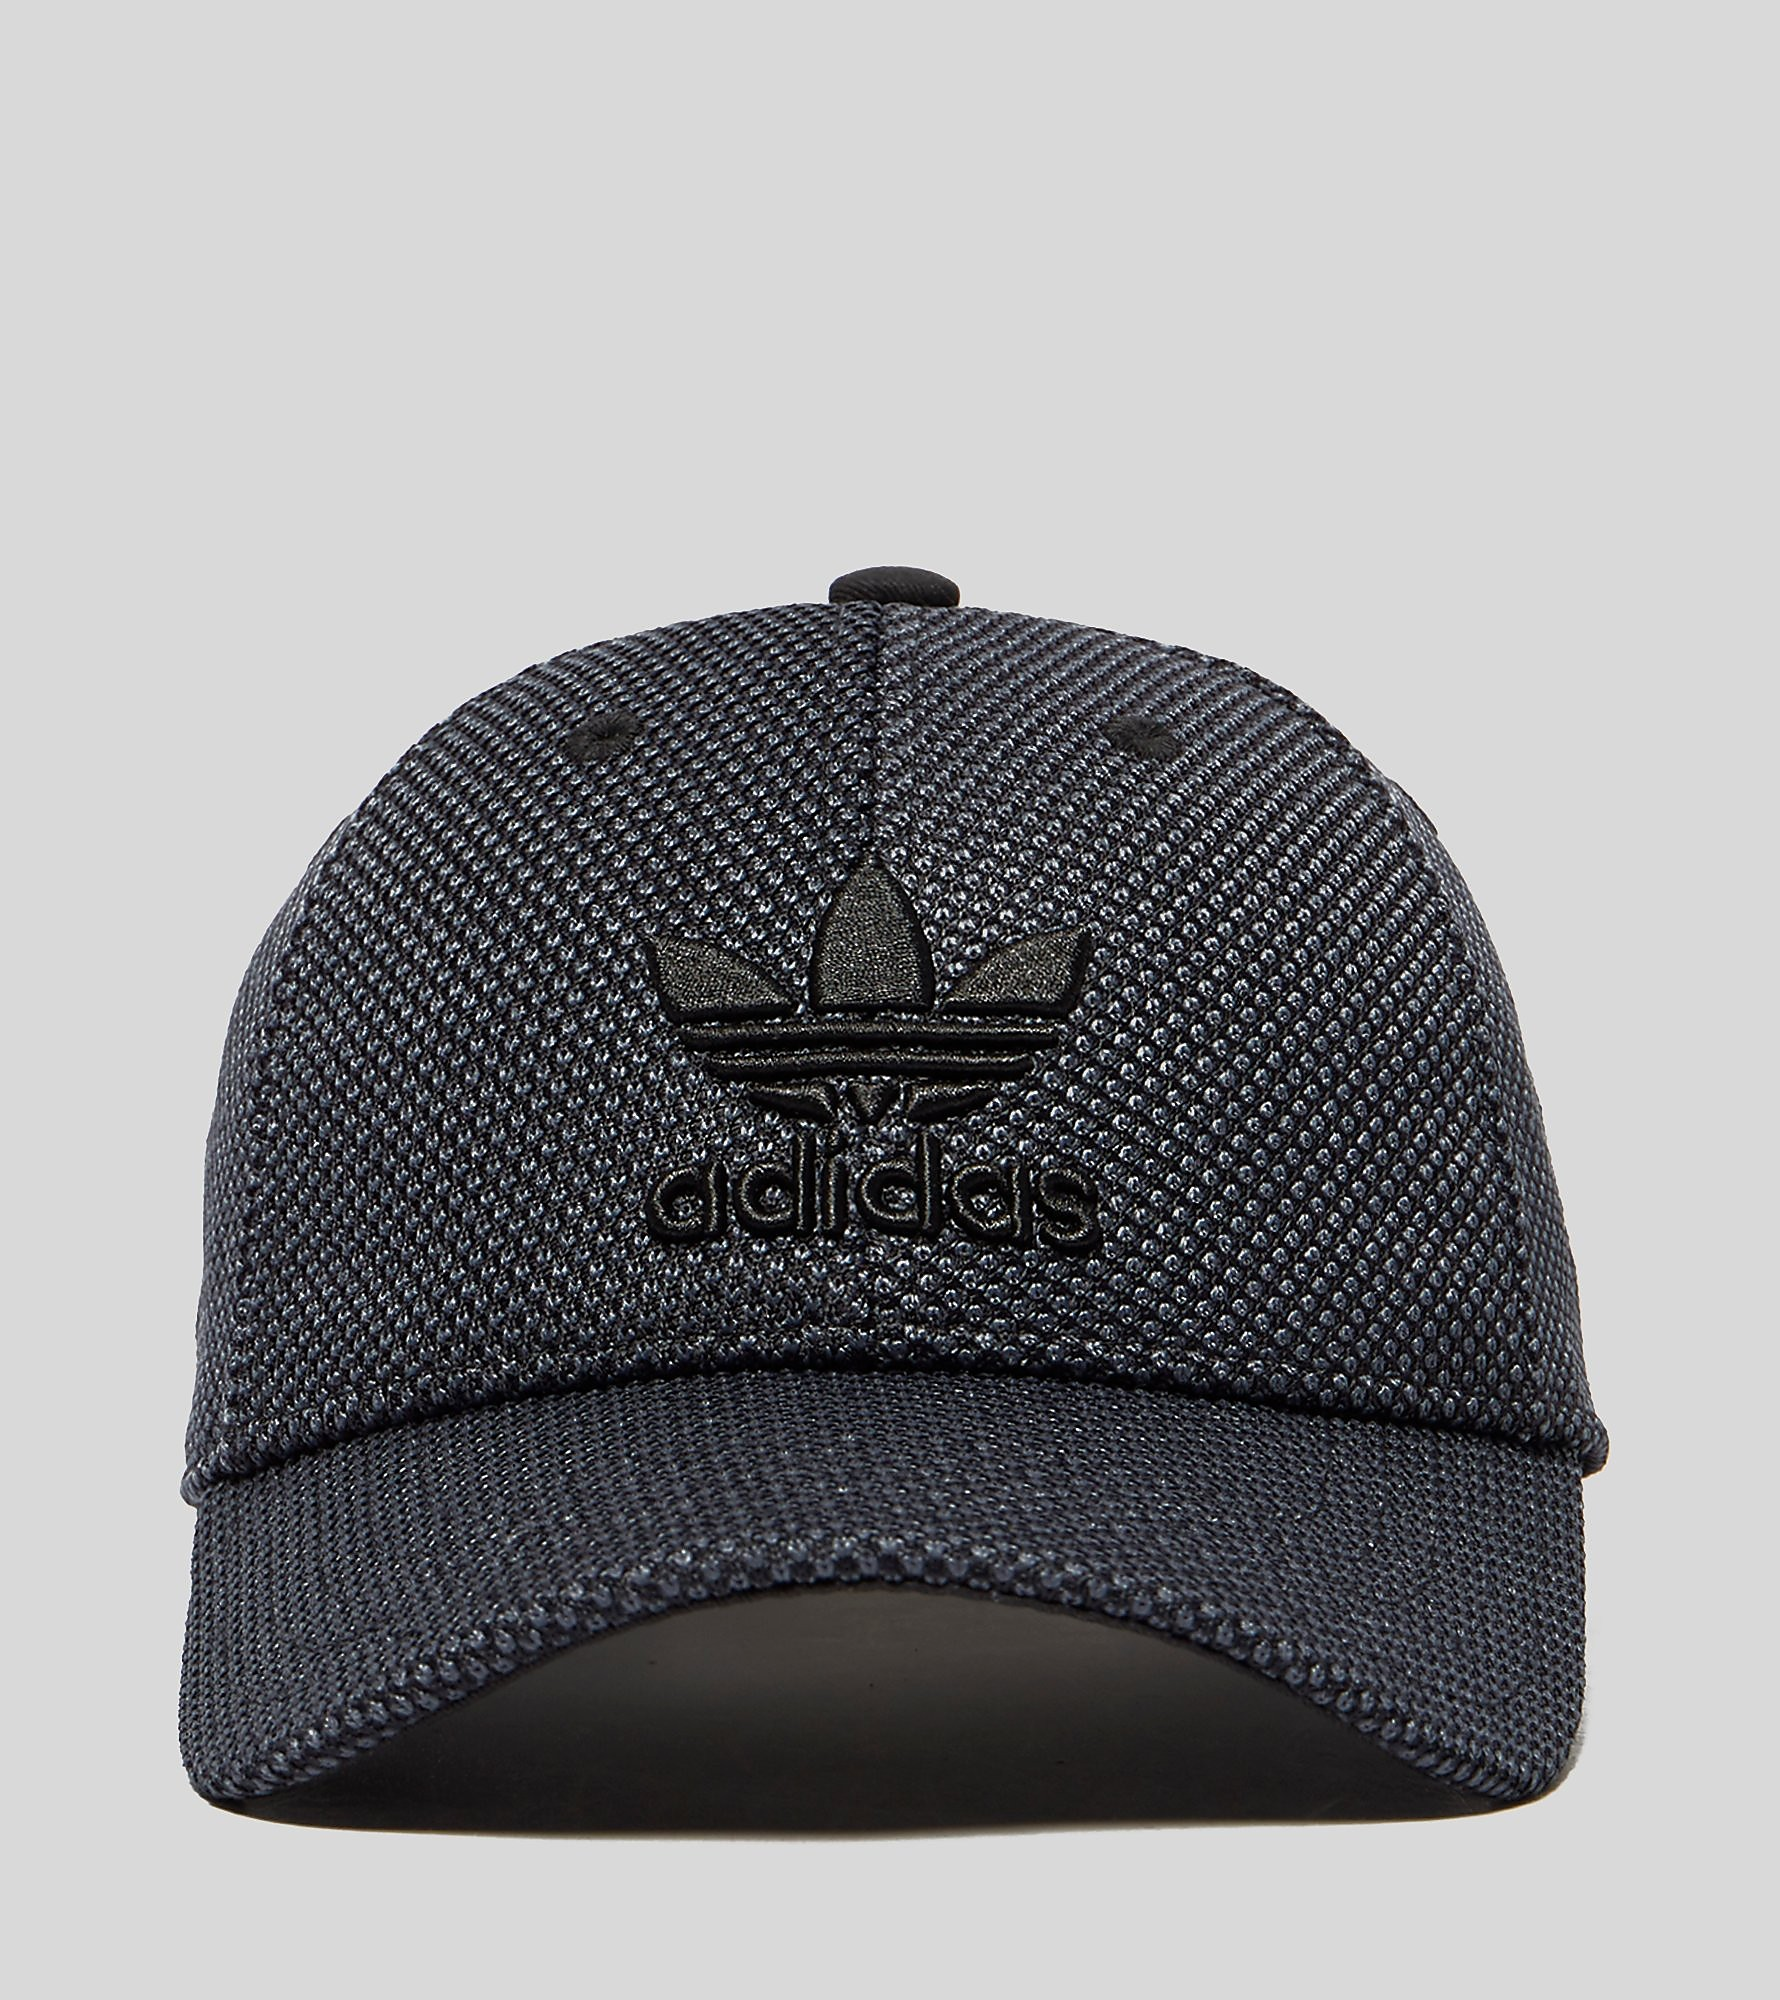 adidas Originals Primeknit Trefoil Cap